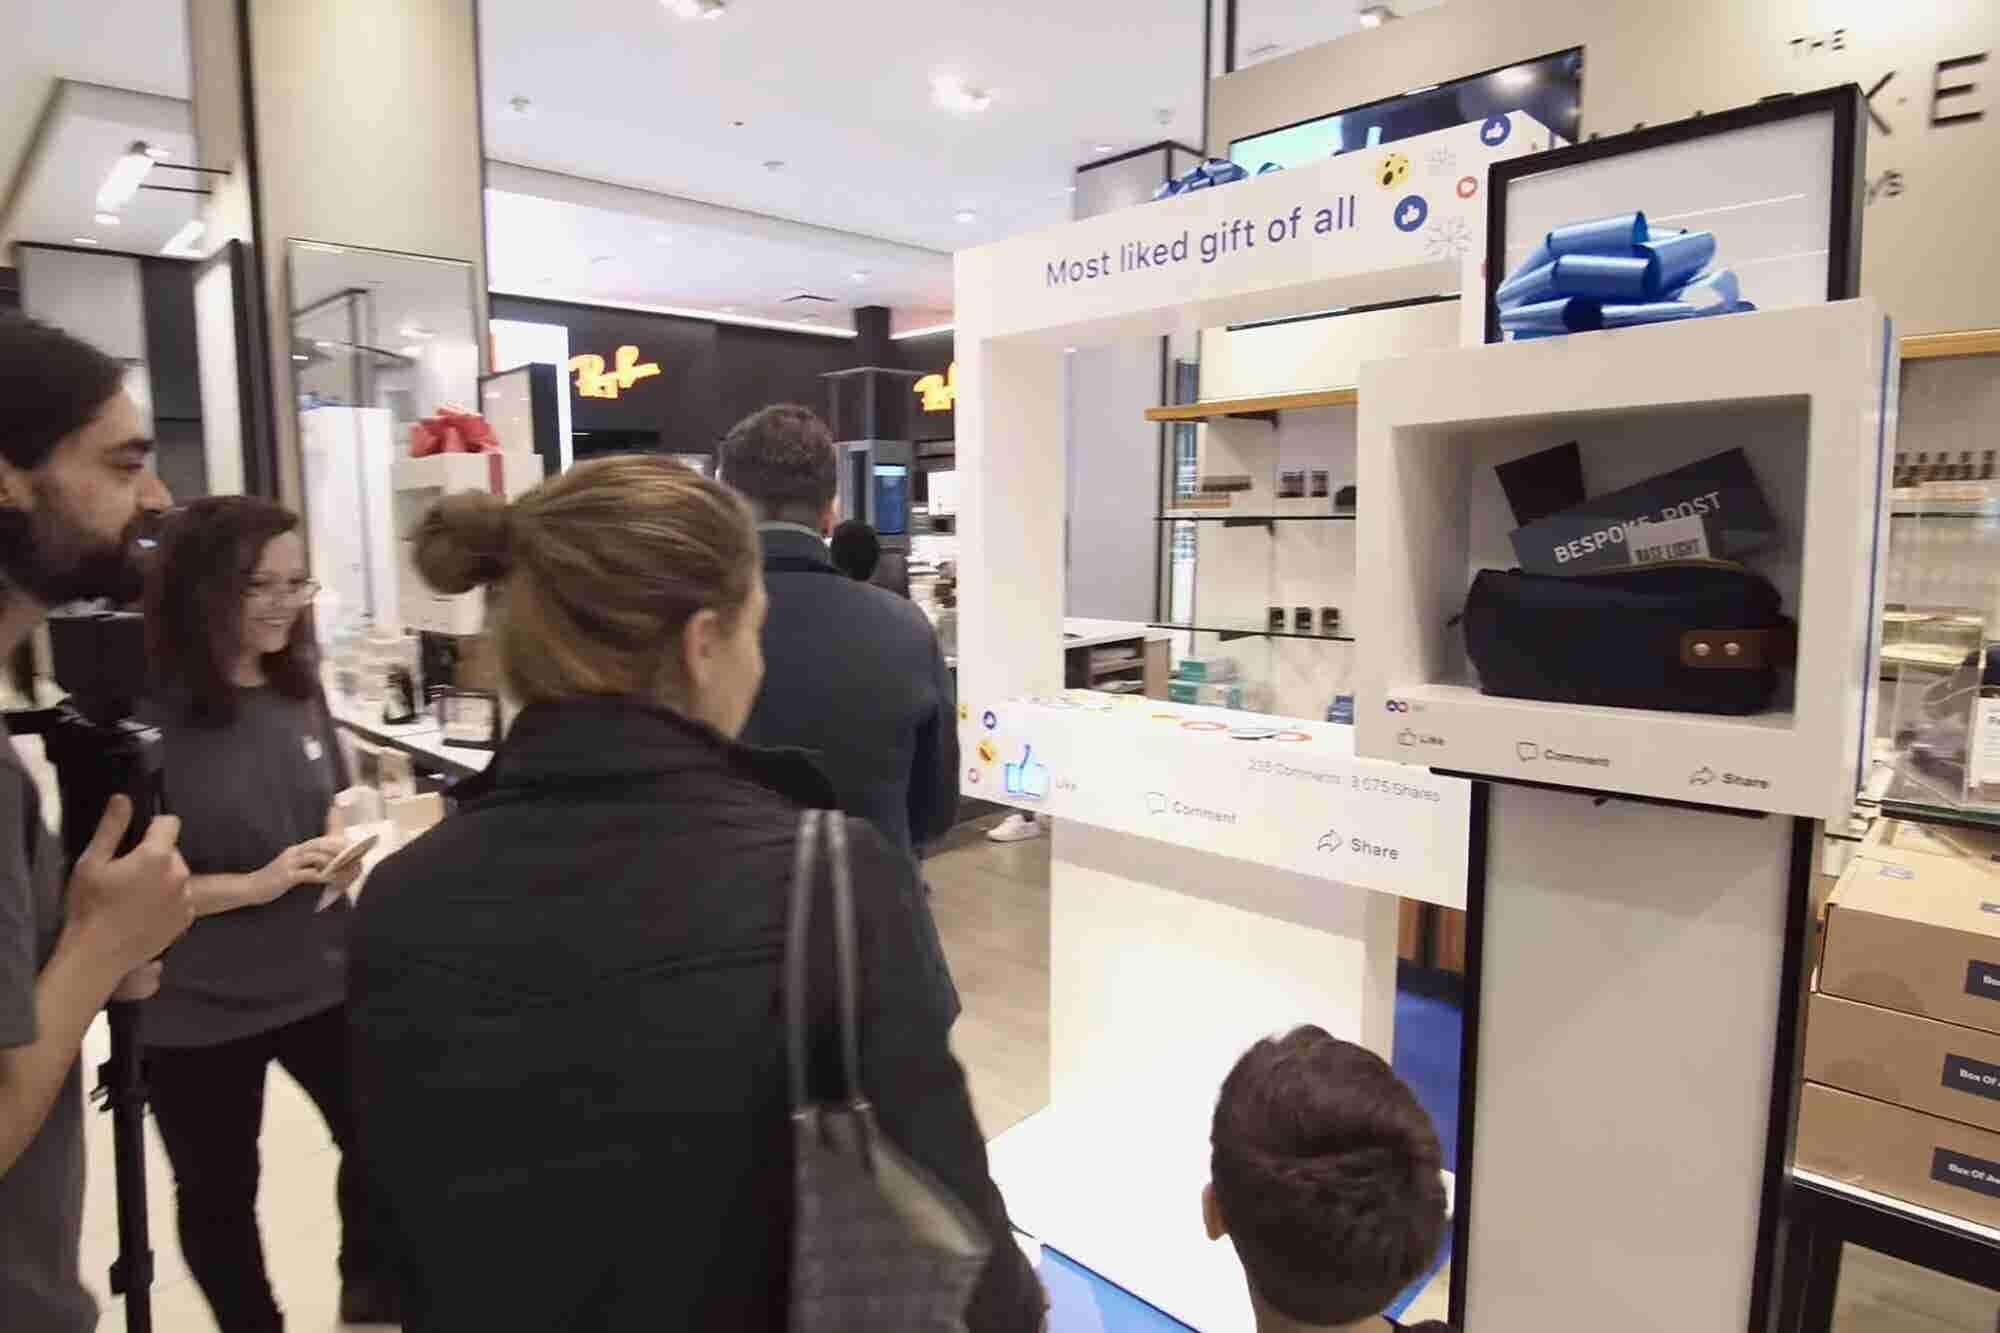 Facebook Opens Its First Pop-up Shop Inside Macy's